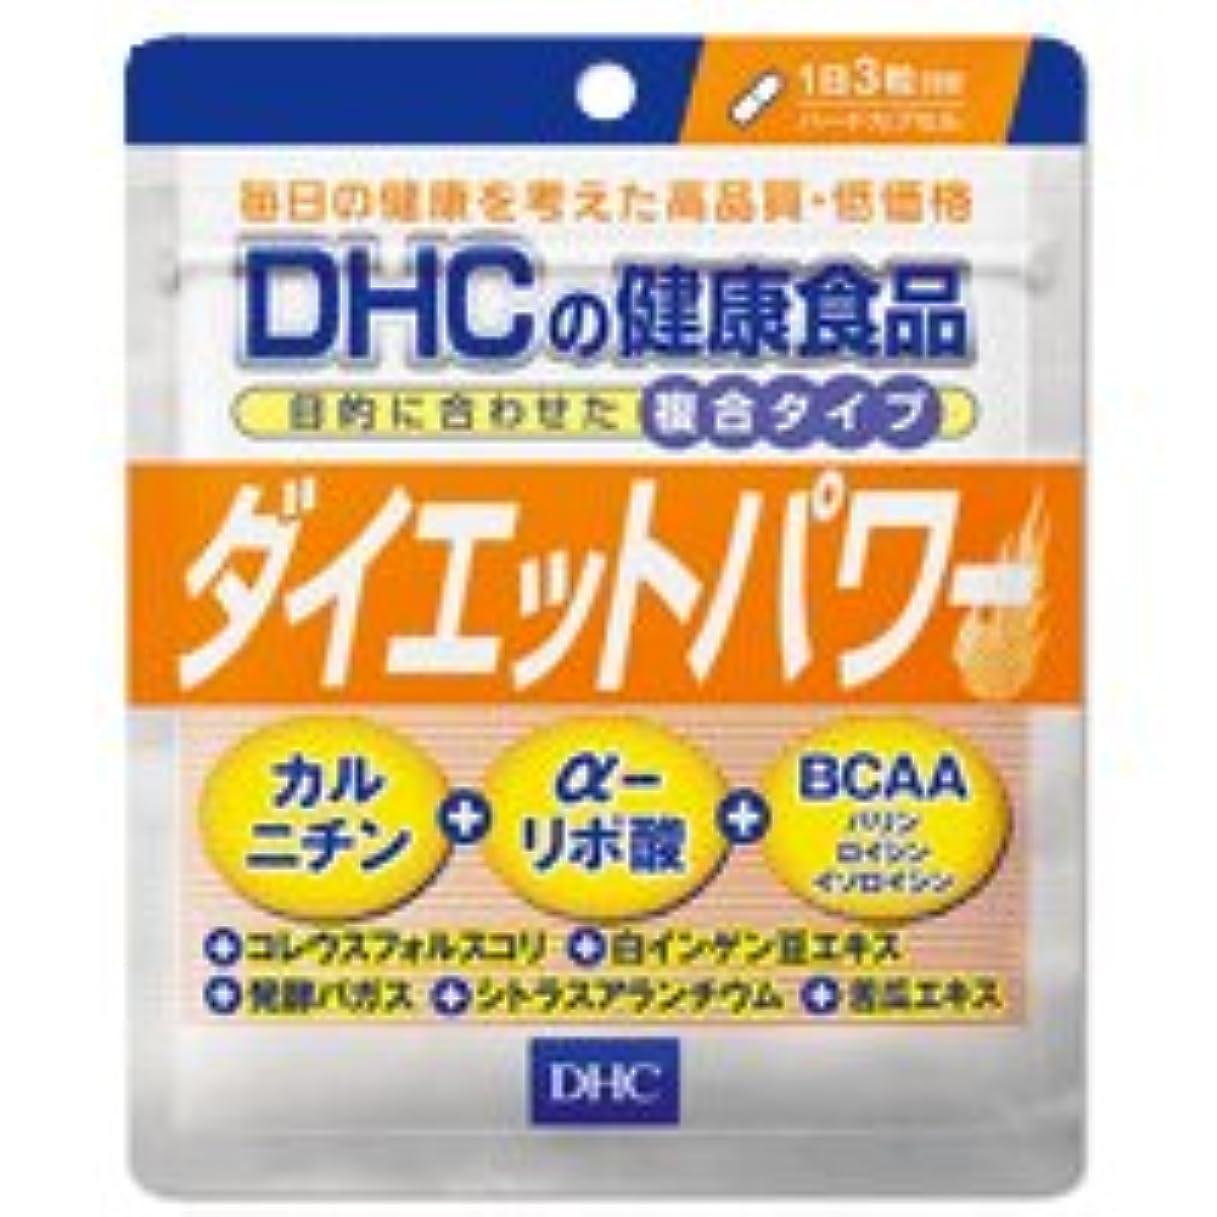 フィットネス一瞬動機DHC 20日分ダイエットパワー